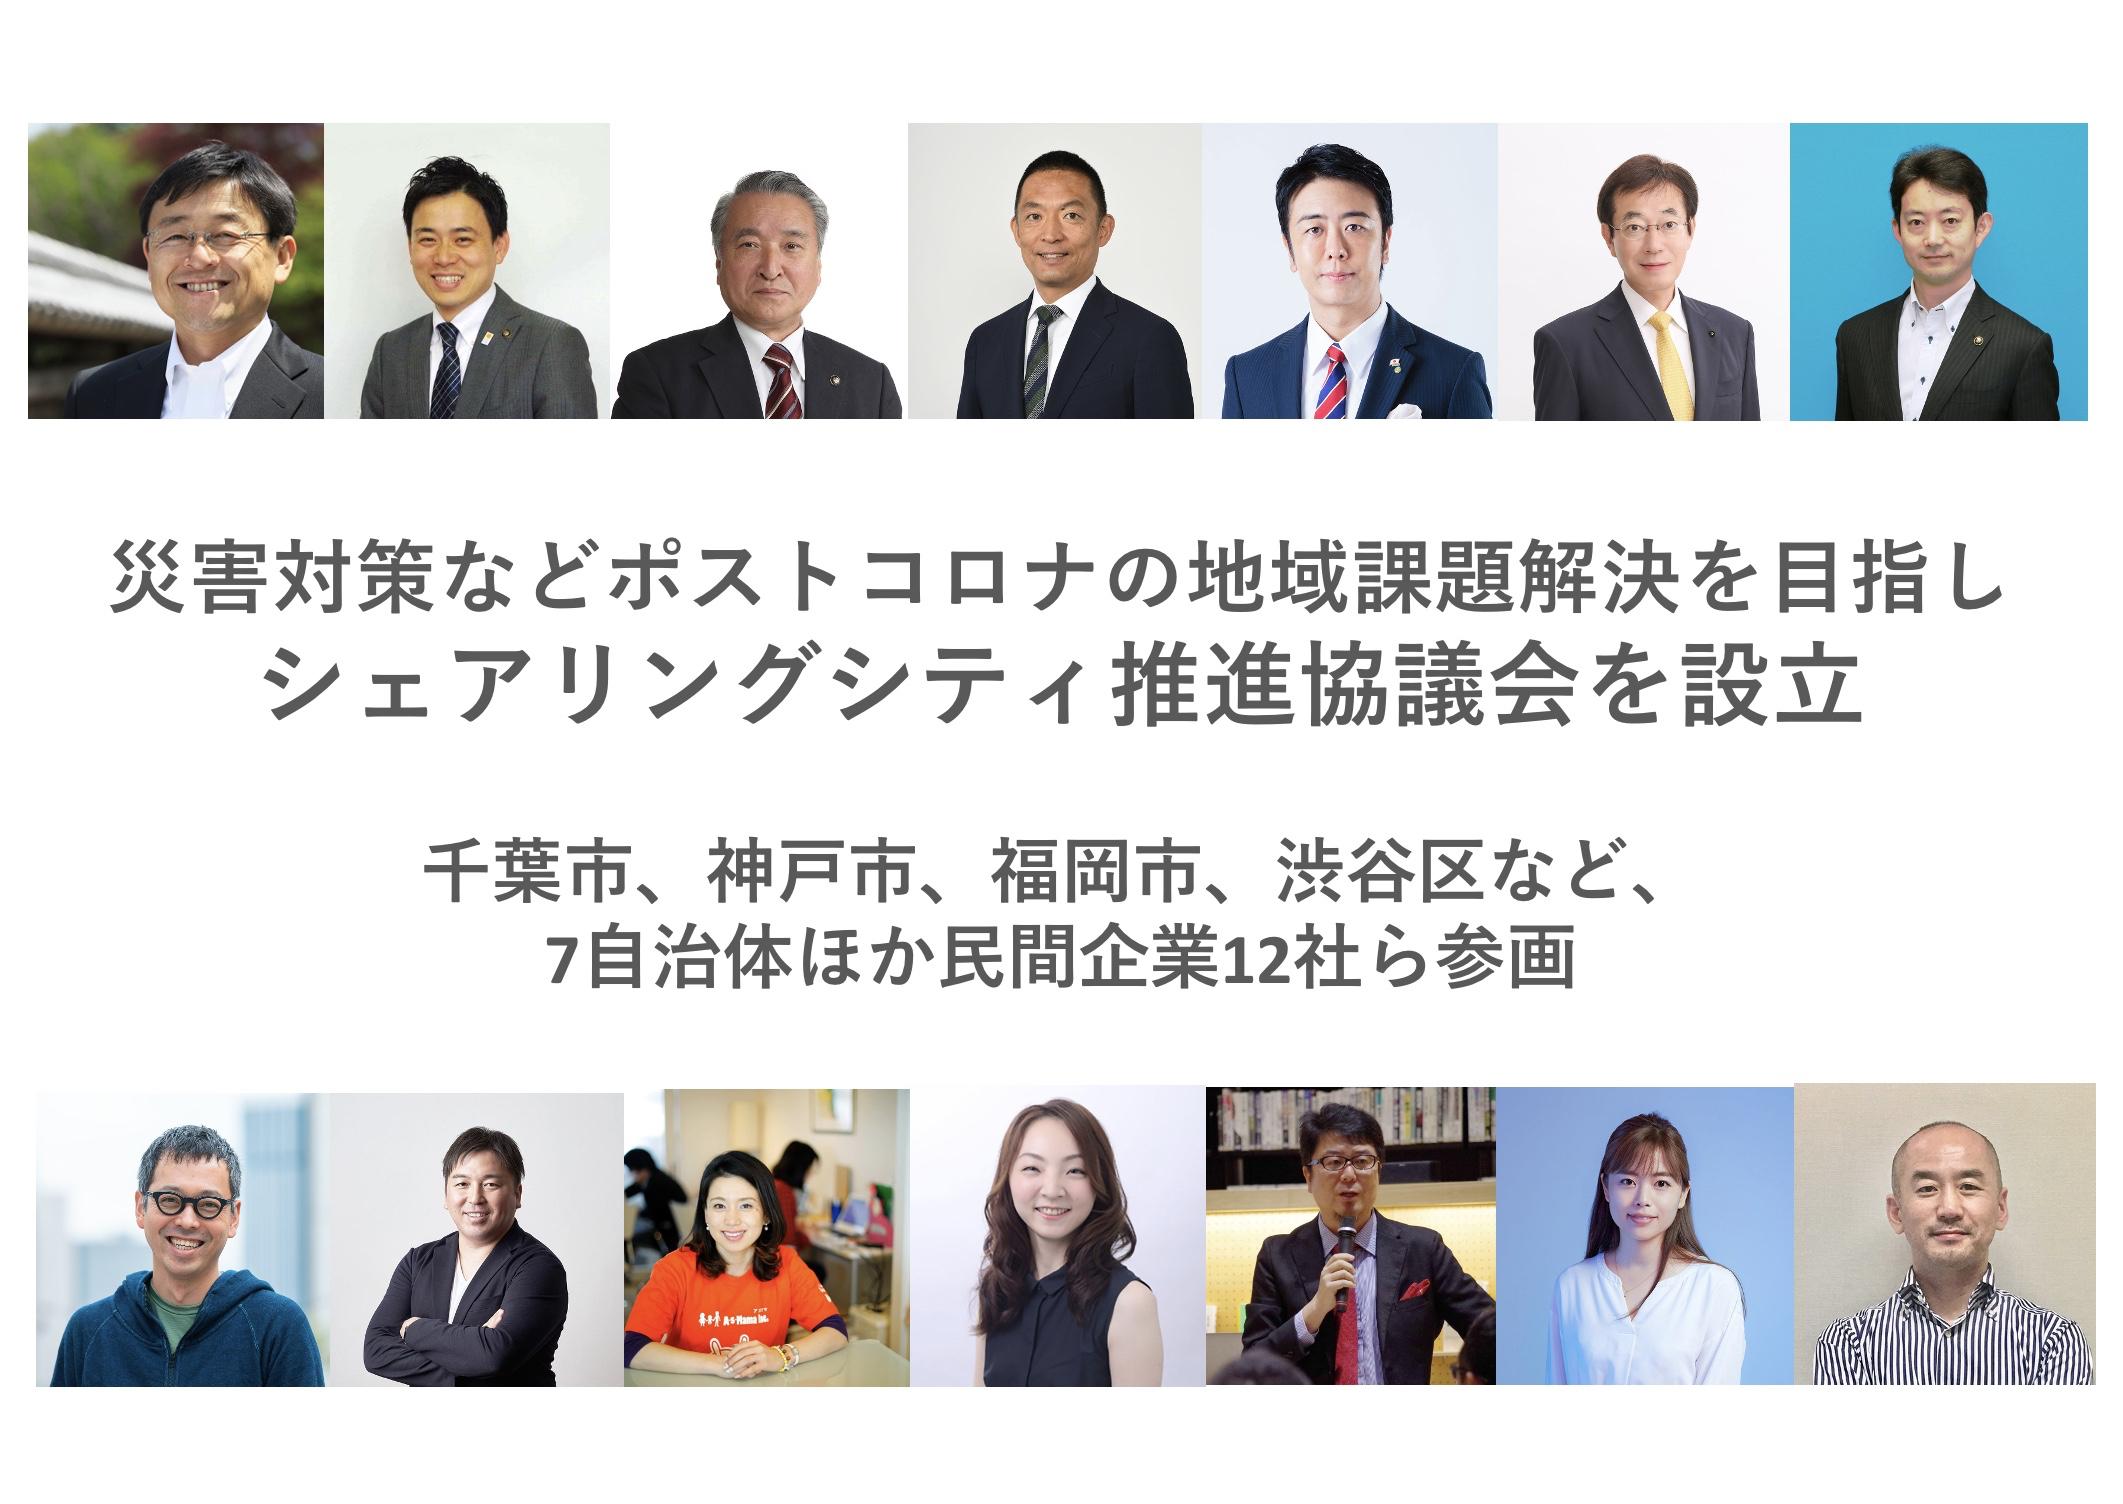 災害対策などポストコロナの地域課題解決を目指しシェアリングシティ推進協議会を設立。千葉市、神戸市、福岡市、渋谷区など、7自治体ほか民間企業12社ら参画。